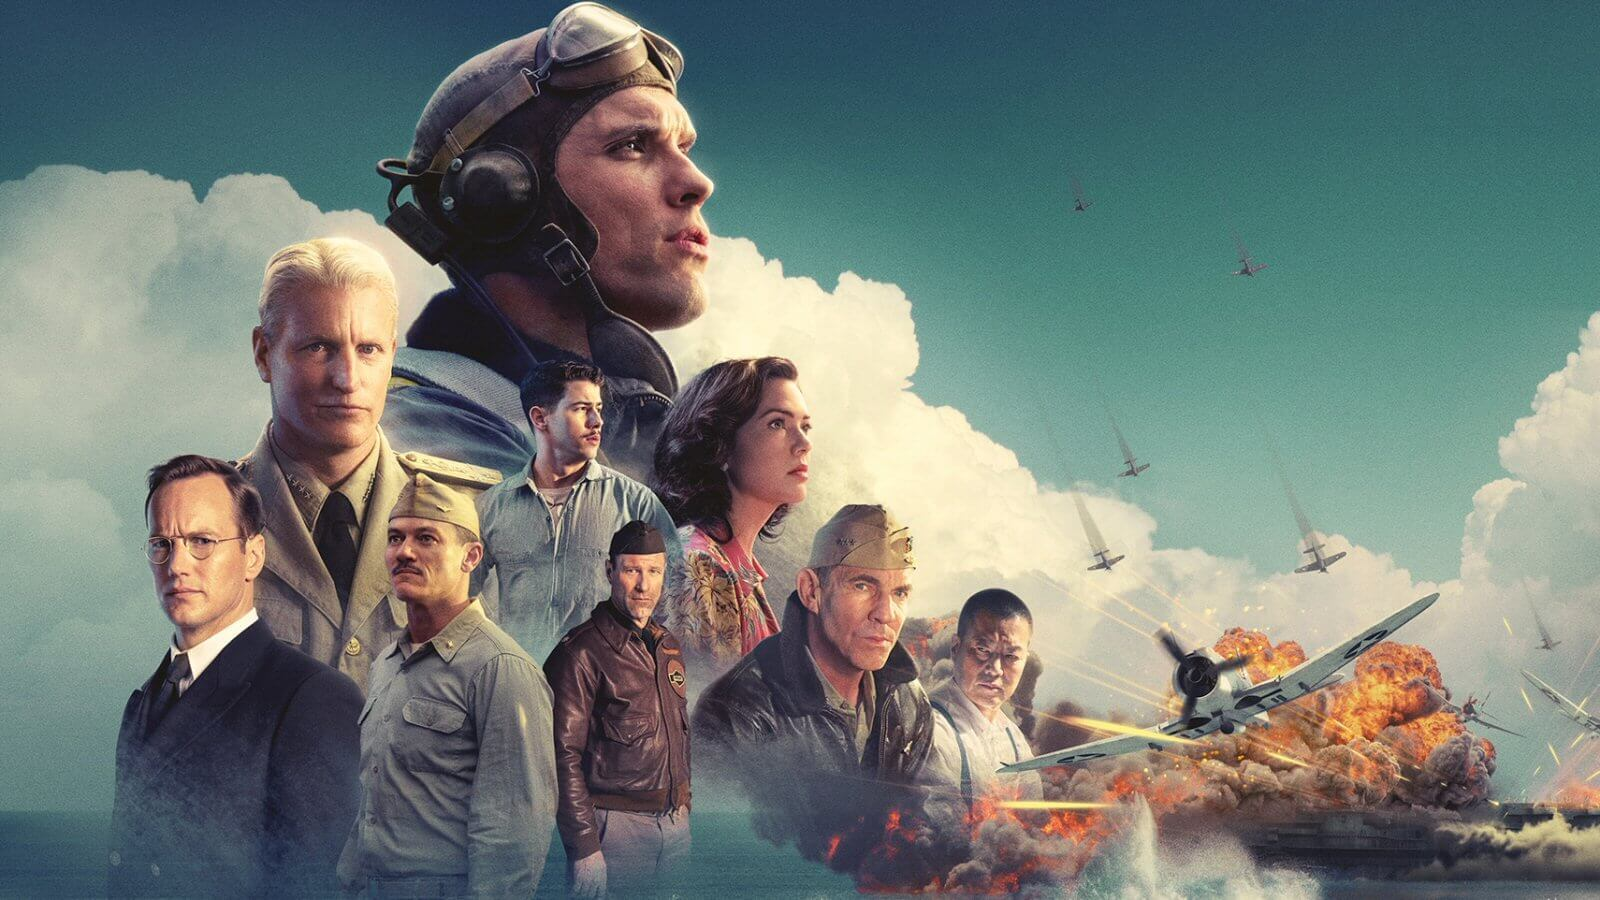 Filme Midway: Batalha em Alto Mar